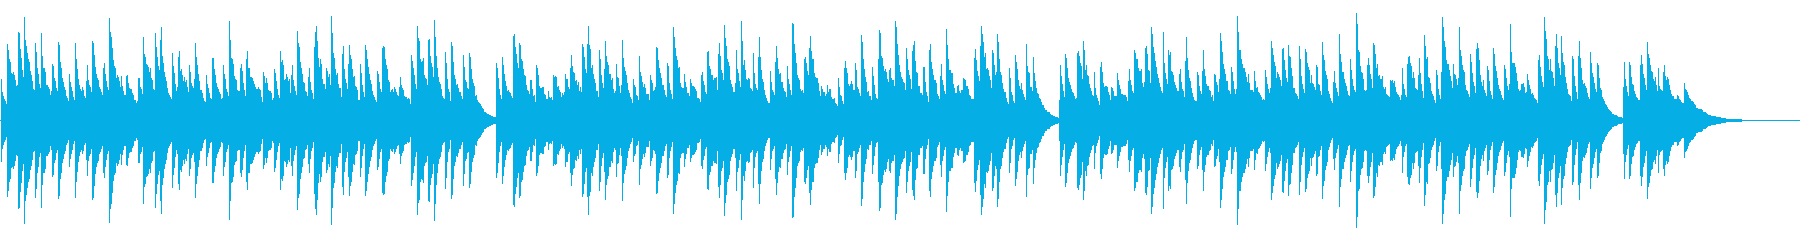 仰げば尊し 72弁オルゴールの再生済みの波形